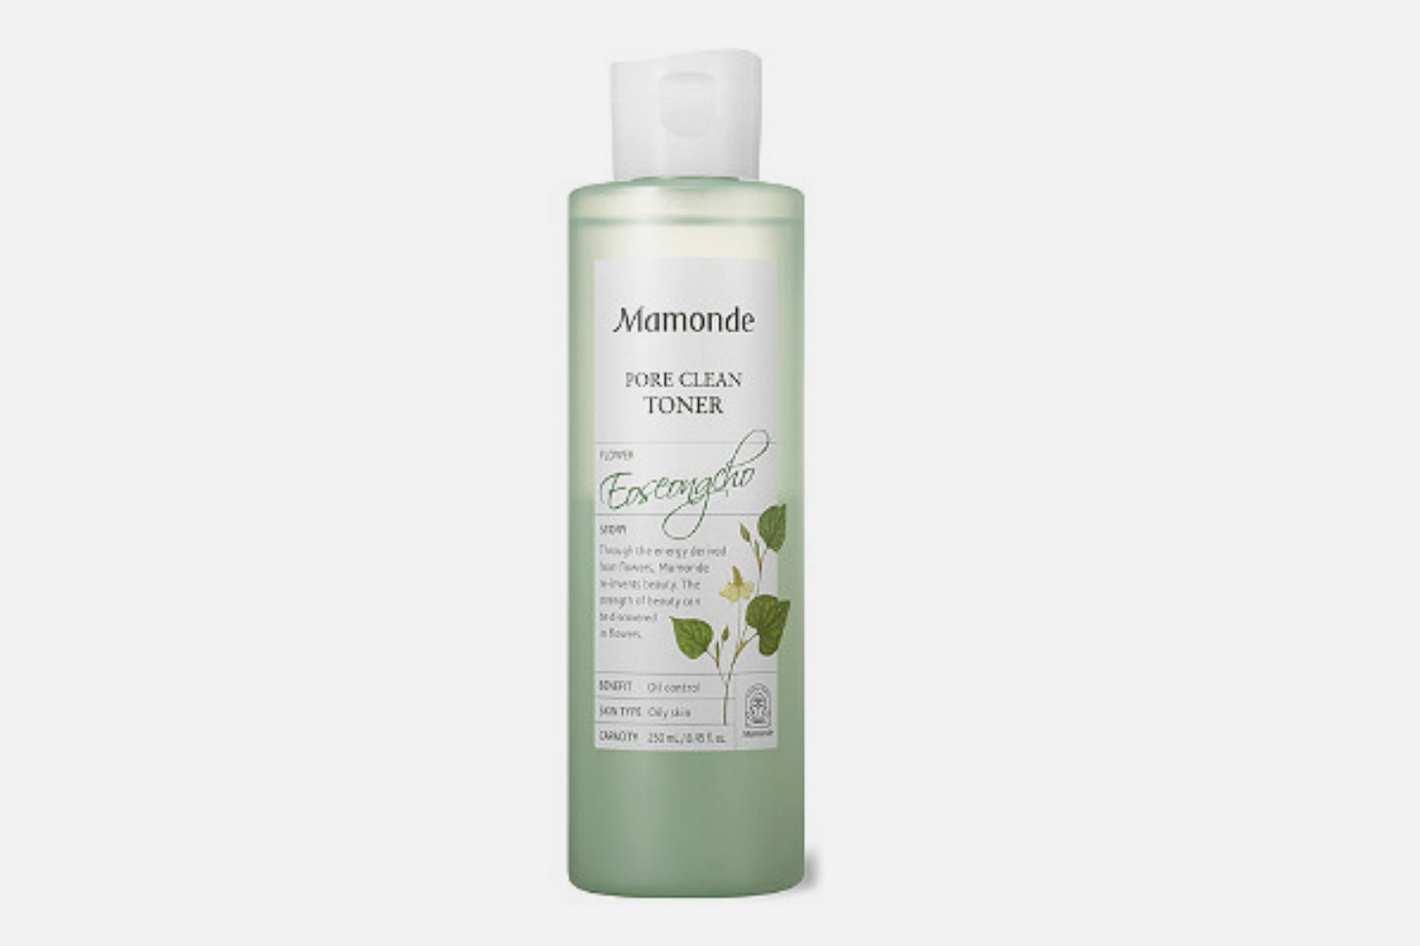 Mamonde Pore Clear Toner